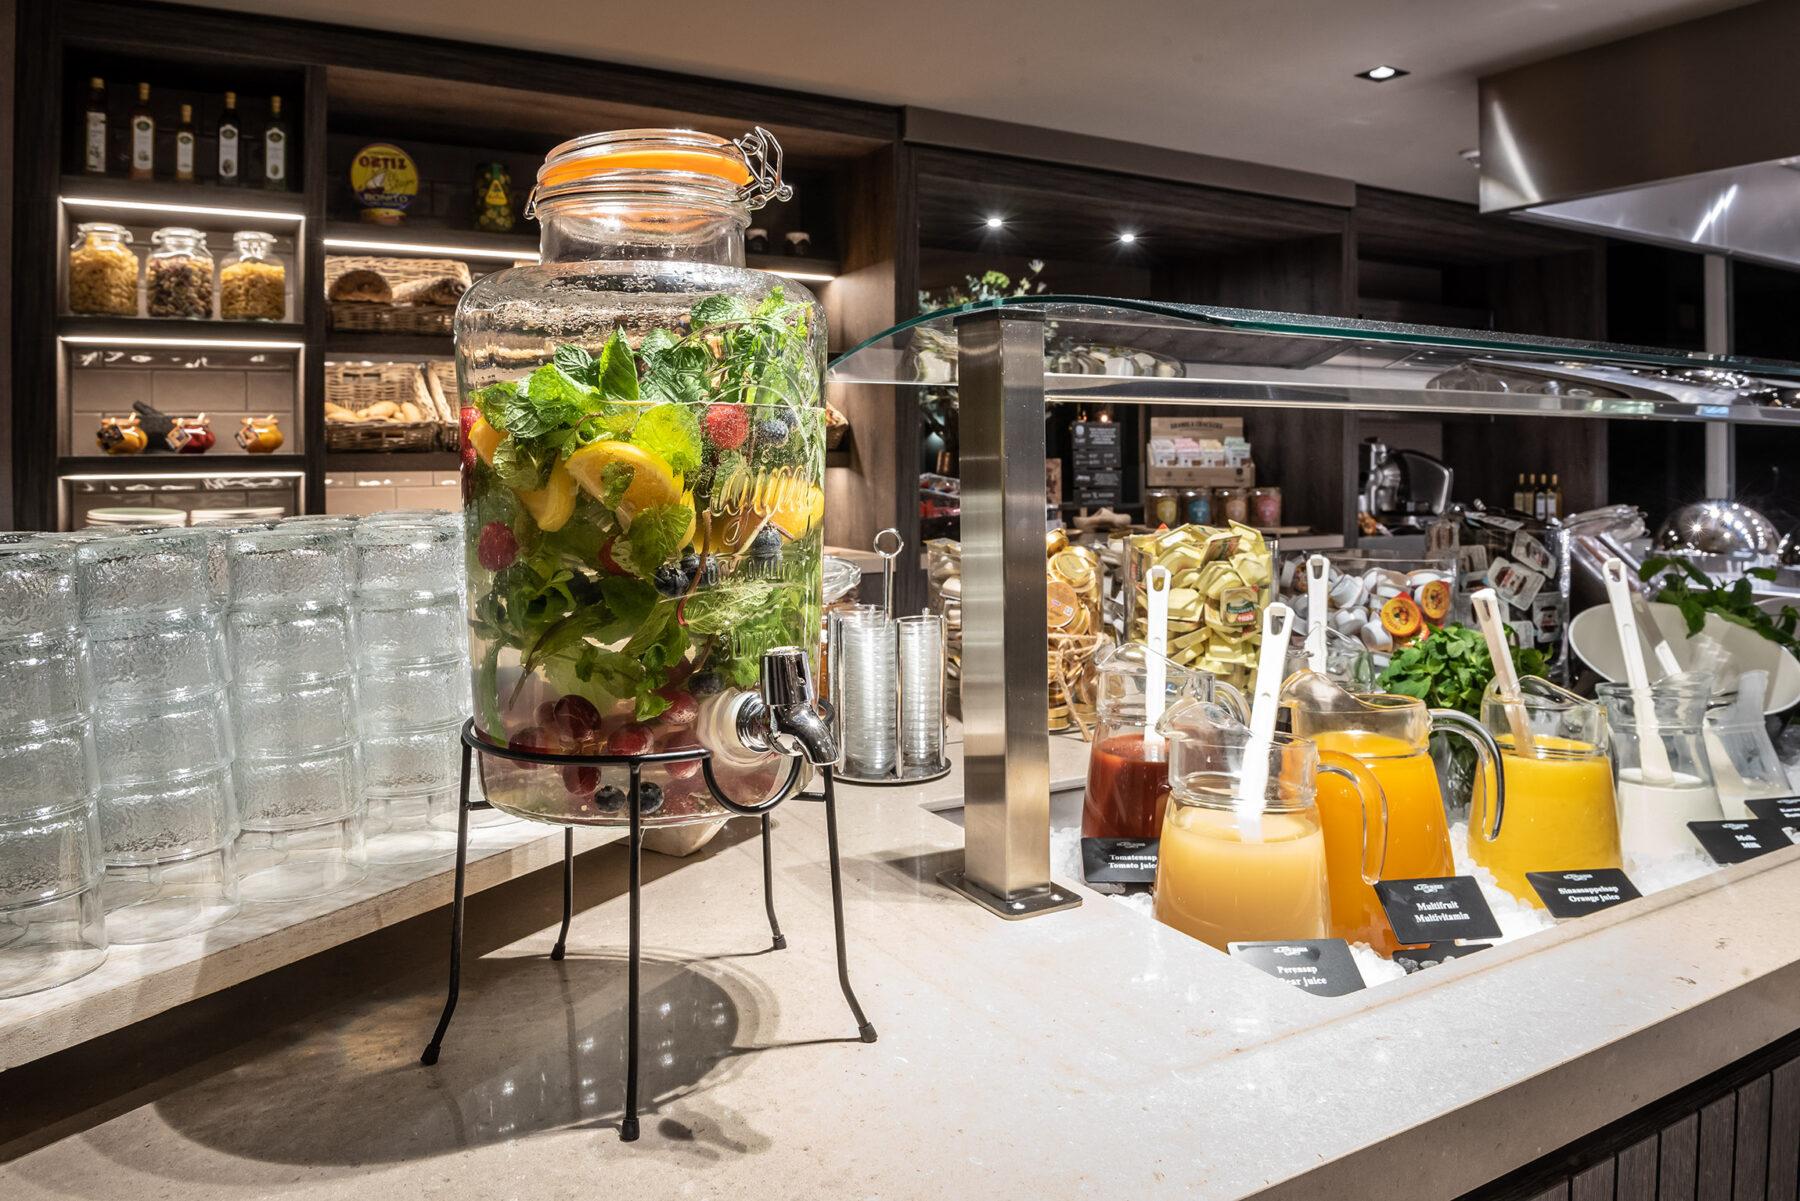 Grenshotel de jonckheer ontbijt